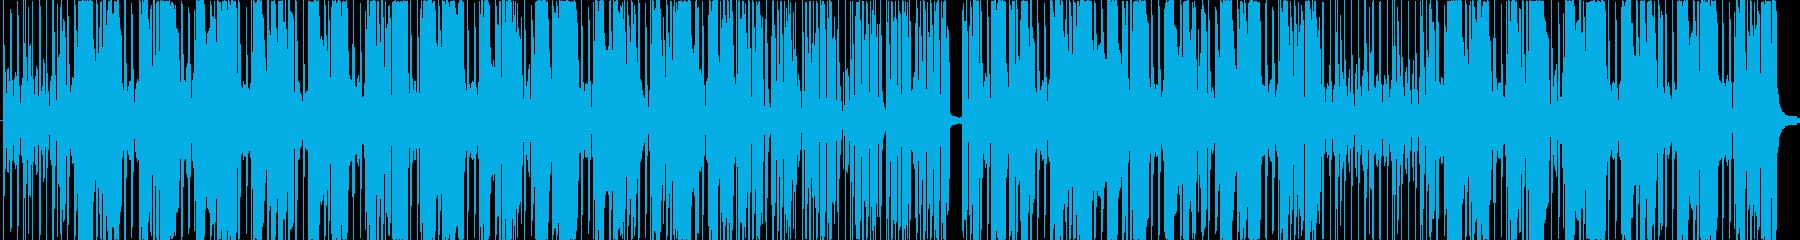 風変わりな、愚かな、リズミカルな楽...の再生済みの波形